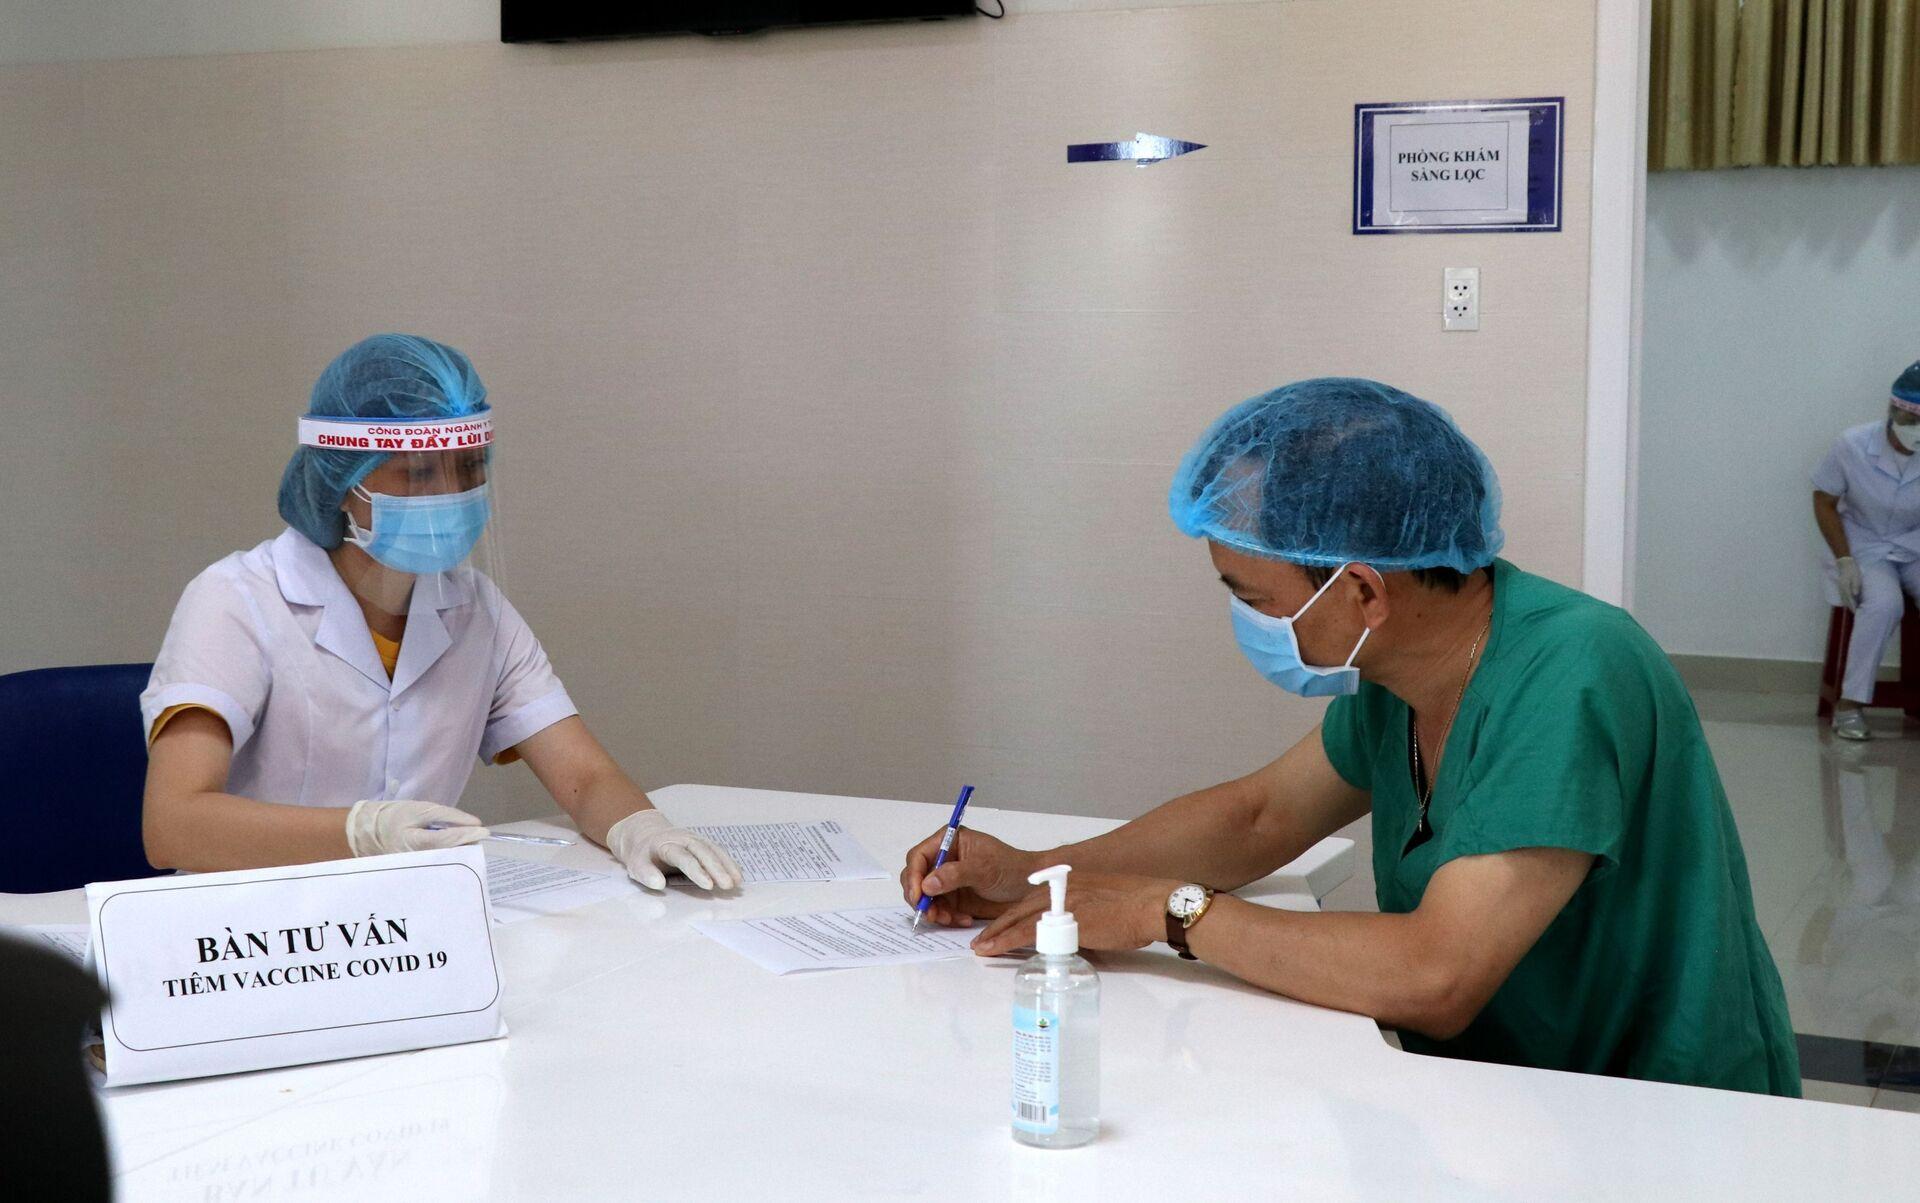 Bộ Y tế Việt Nam cảnh báo mua bán vaccine Covid-19 giả mạo - Sputnik Việt Nam, 1920, 10.03.2021